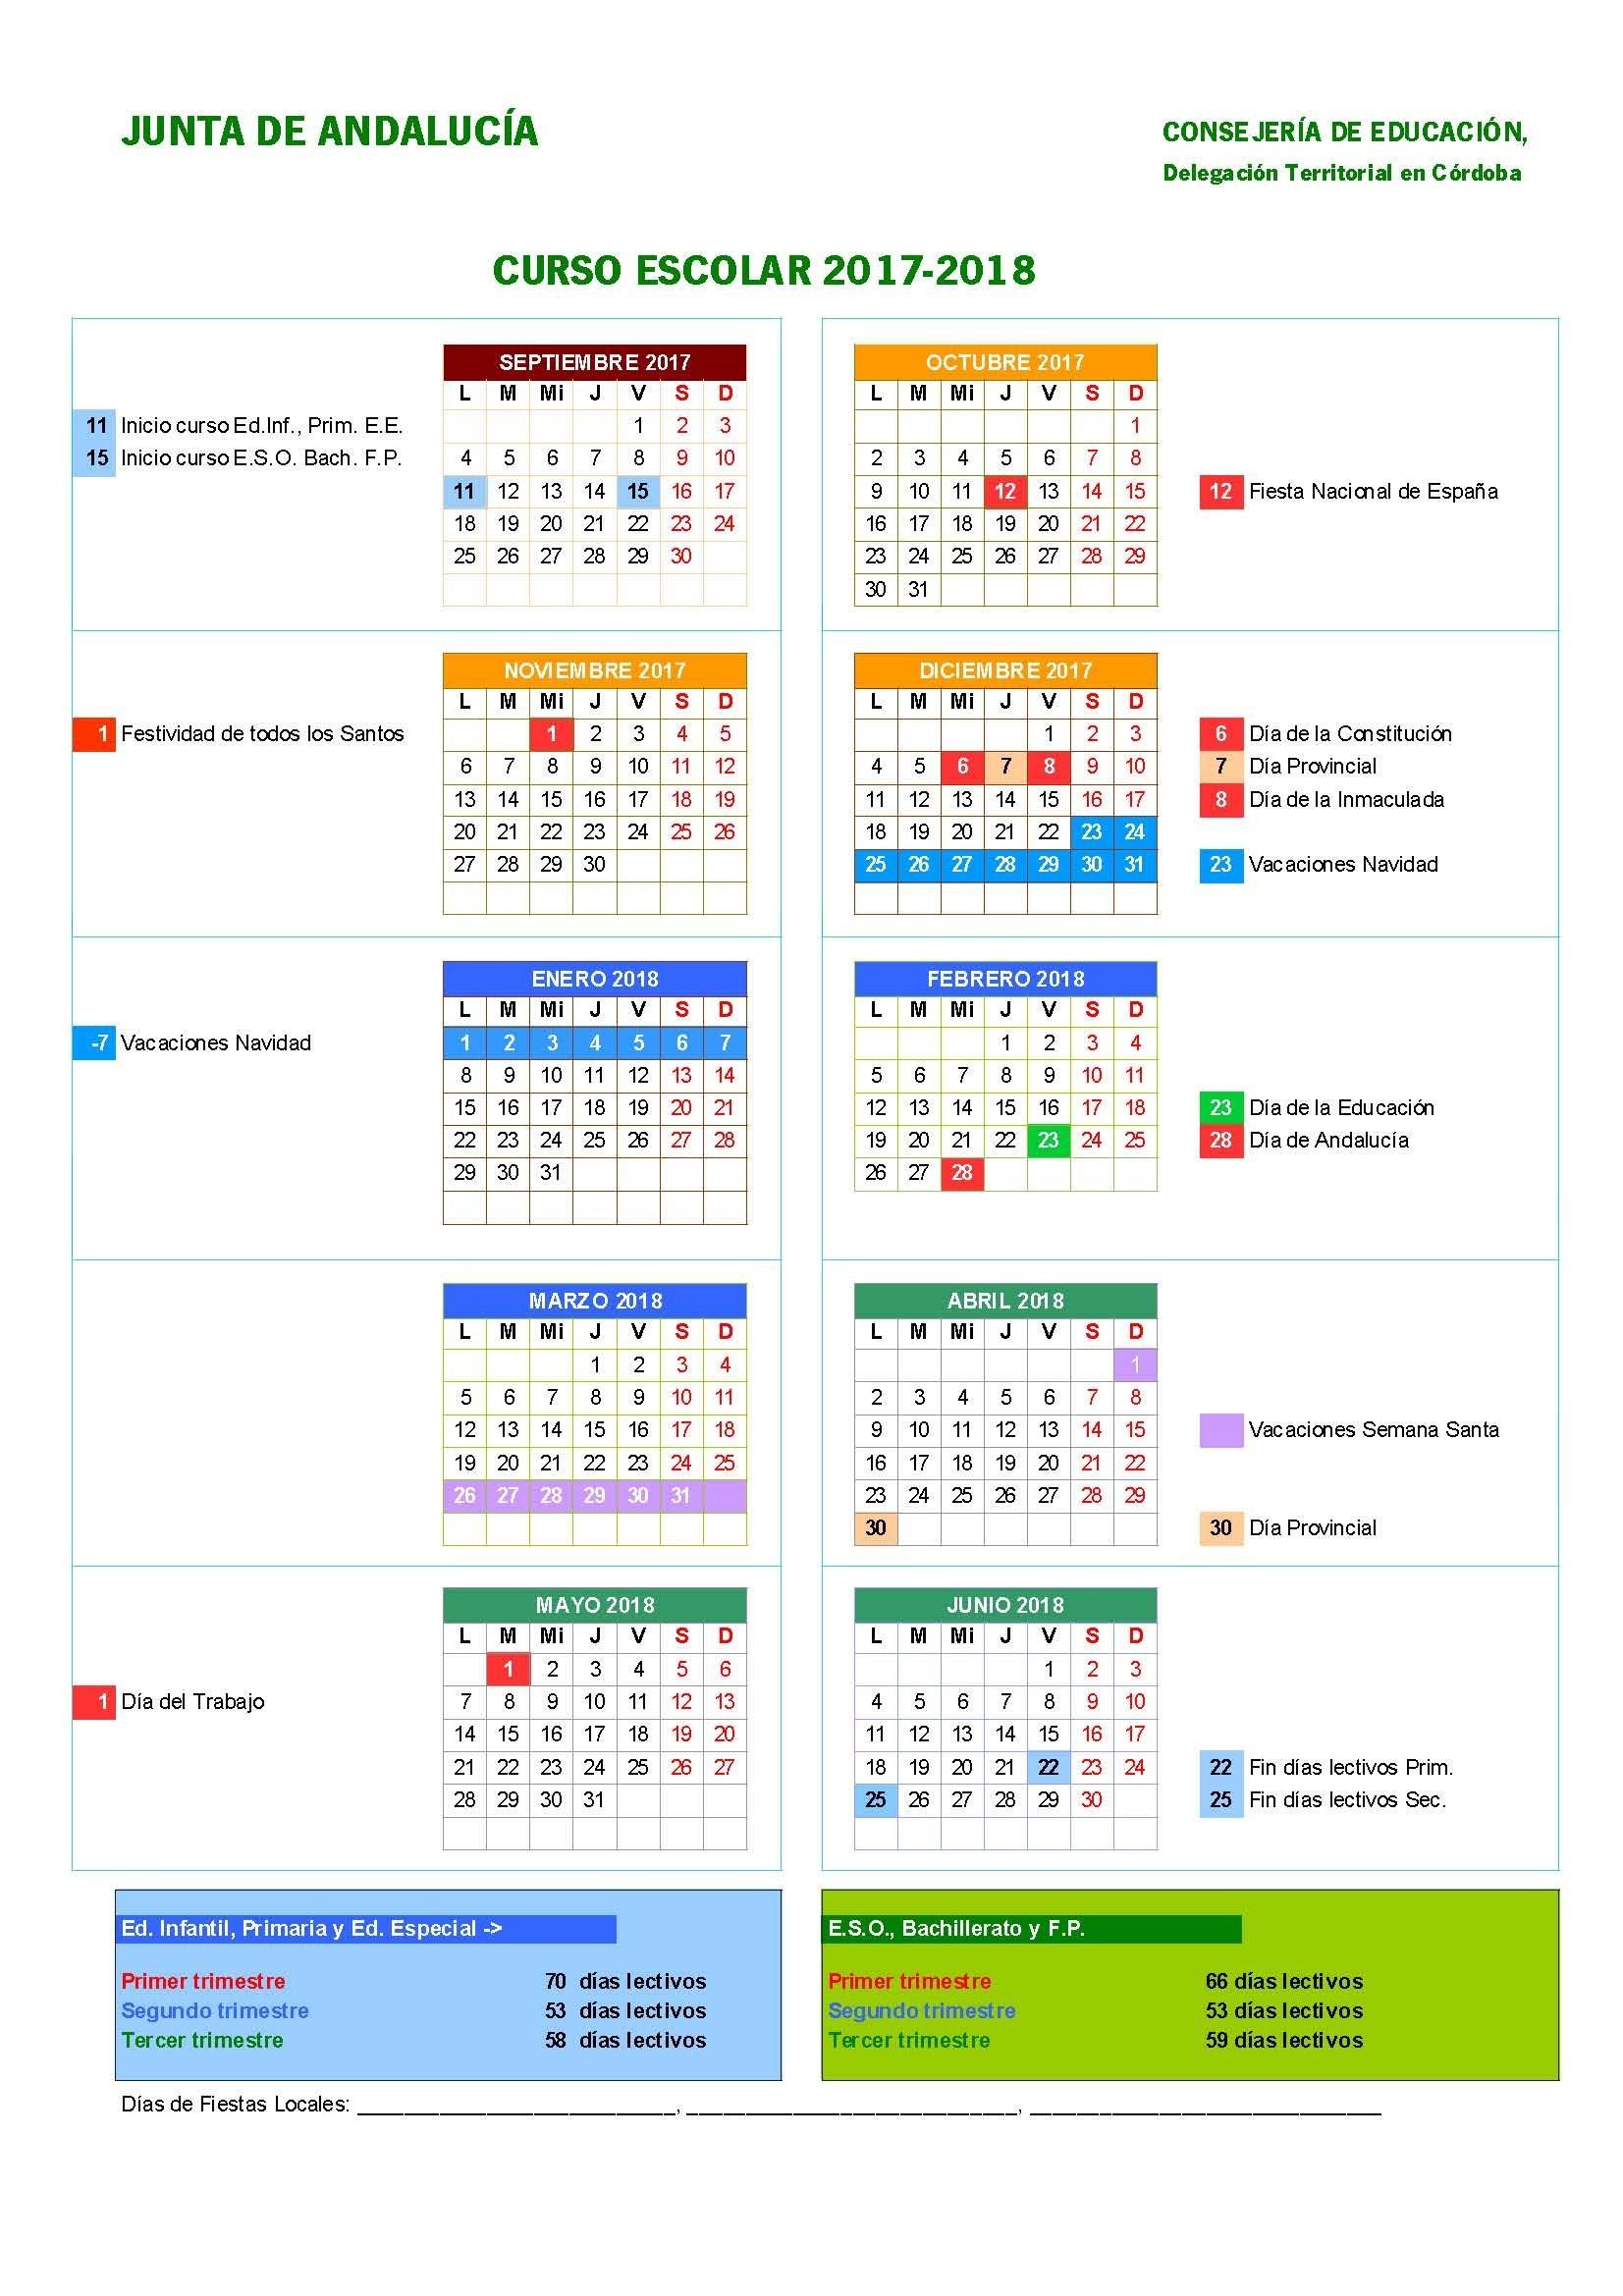 Calendario 2019 Argentina Para Imprimir Pdf Más Reciente Es Calendario Para Imprimir 2017 Y 2019 Of Calendario 2019 Argentina Para Imprimir Pdf Actual Calendario 2017